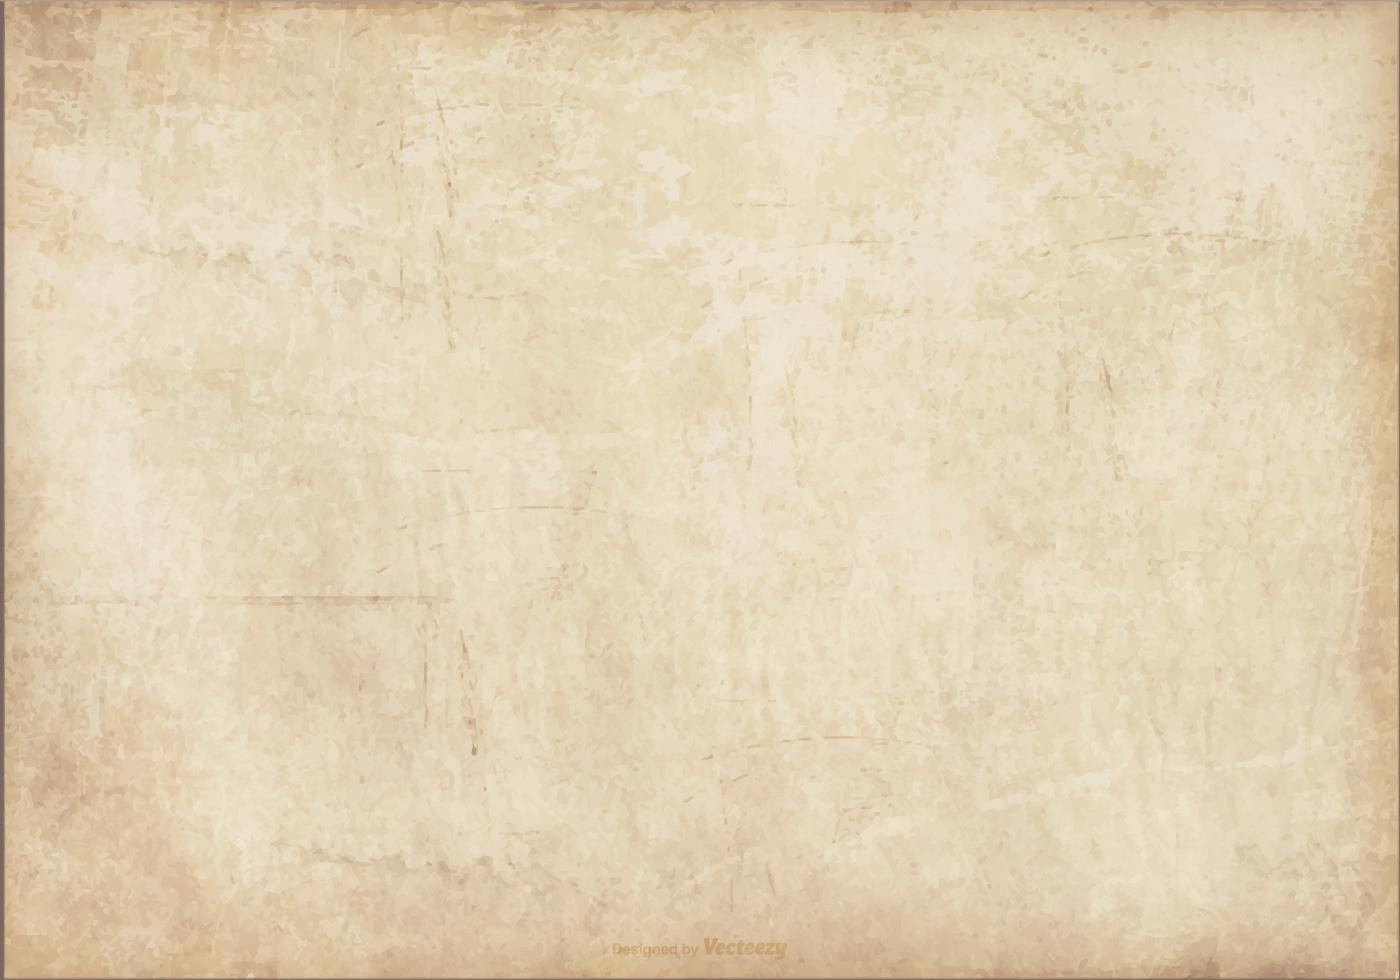 牛皮紙素材